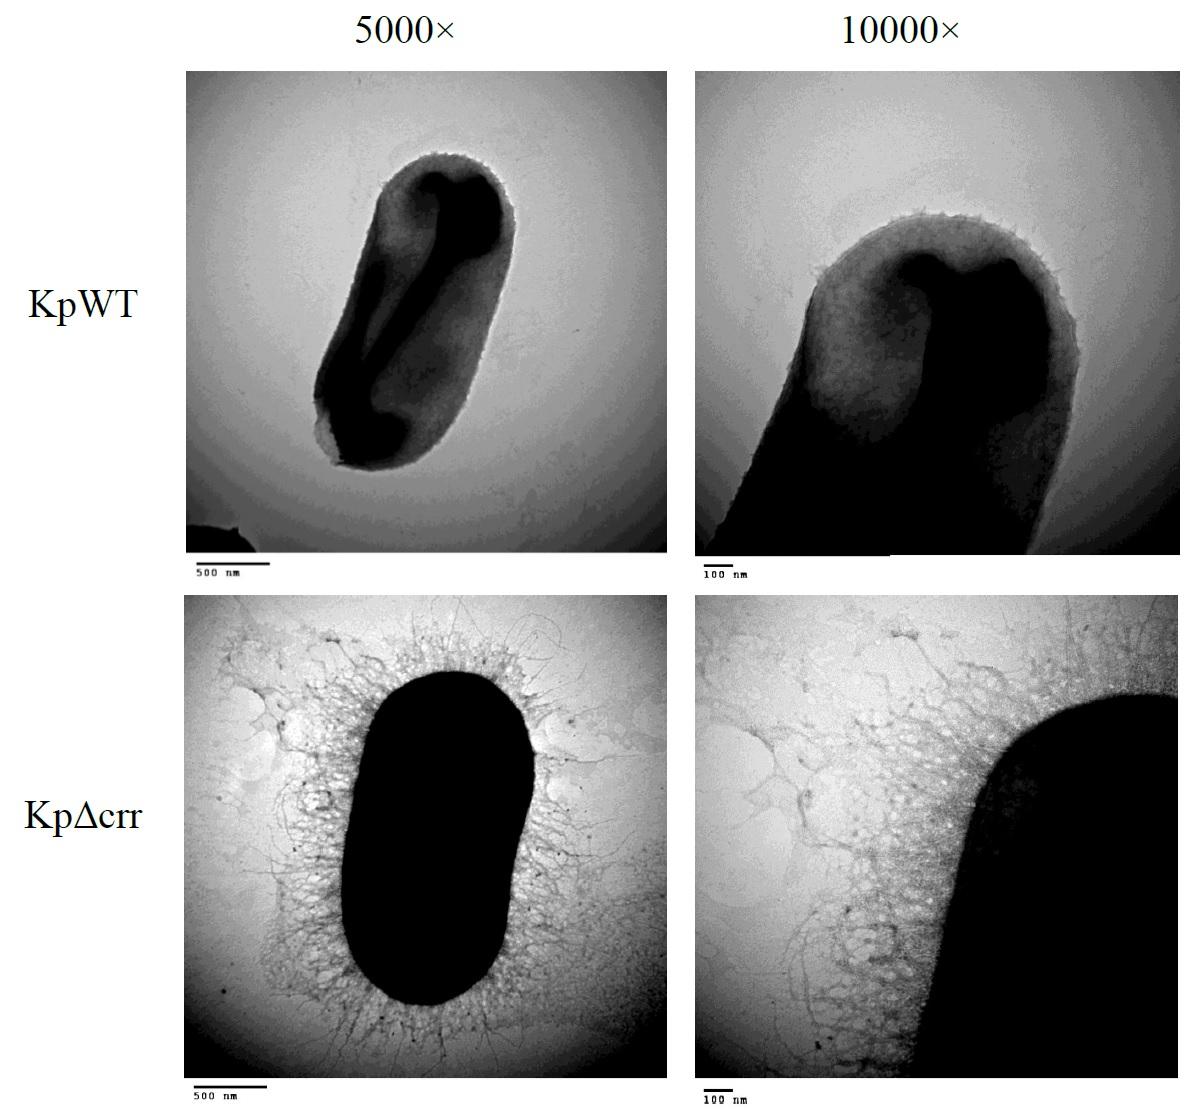 利用電子顯微鏡觀察野生株(KpWT)與crr突變株(KpΔcrr)菌體外之物質。發現到突變株會產生較多的夾膜多醣體(CPS)的物質。